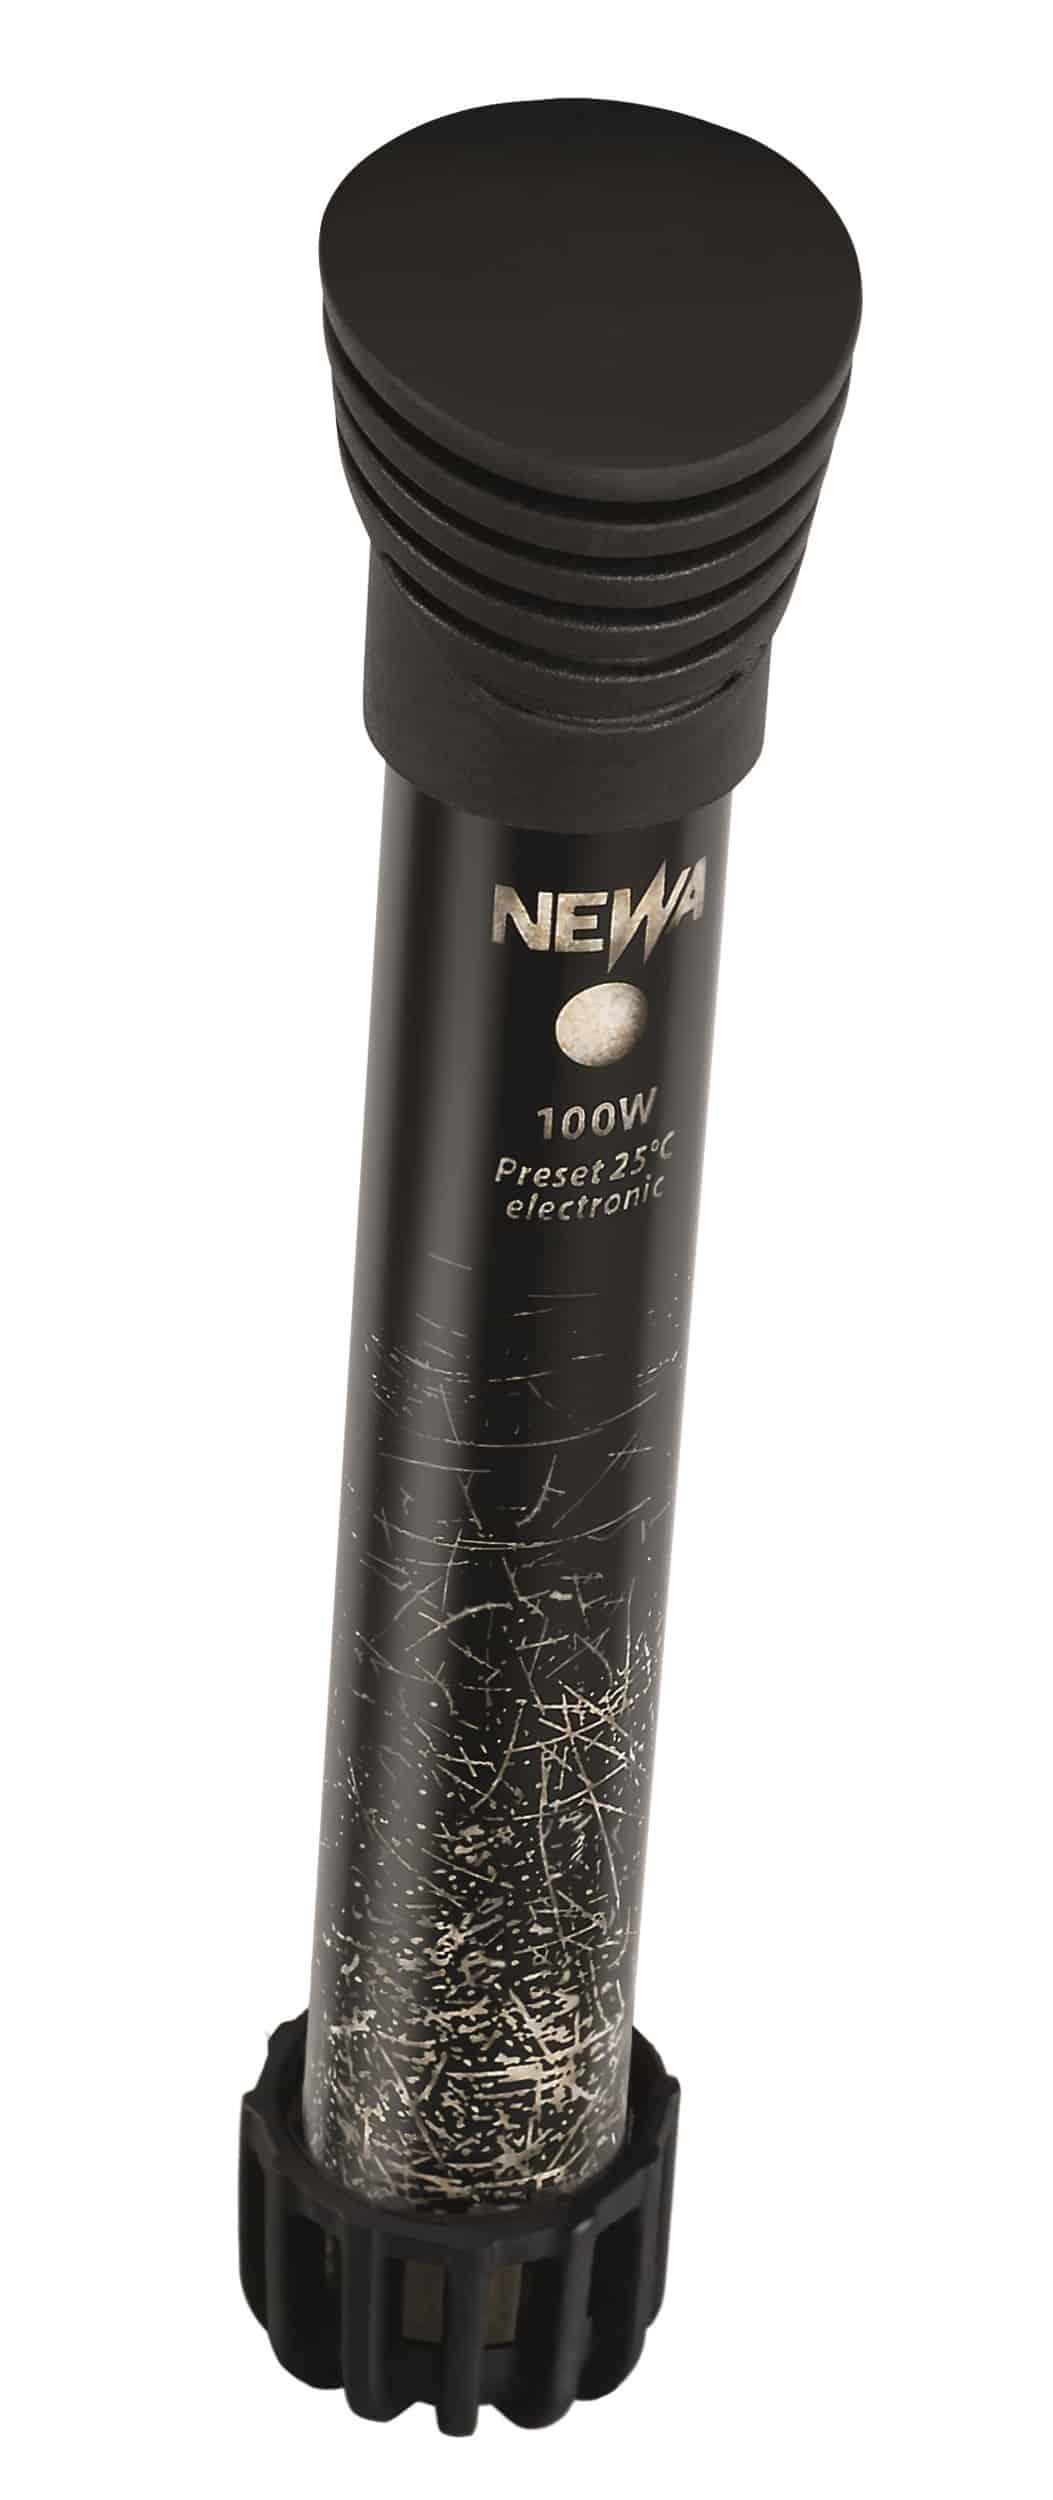 NEWA Therm Preset 100W petit chauffage pré-réglé à 25°C pour aquarium de 50 à 100 L